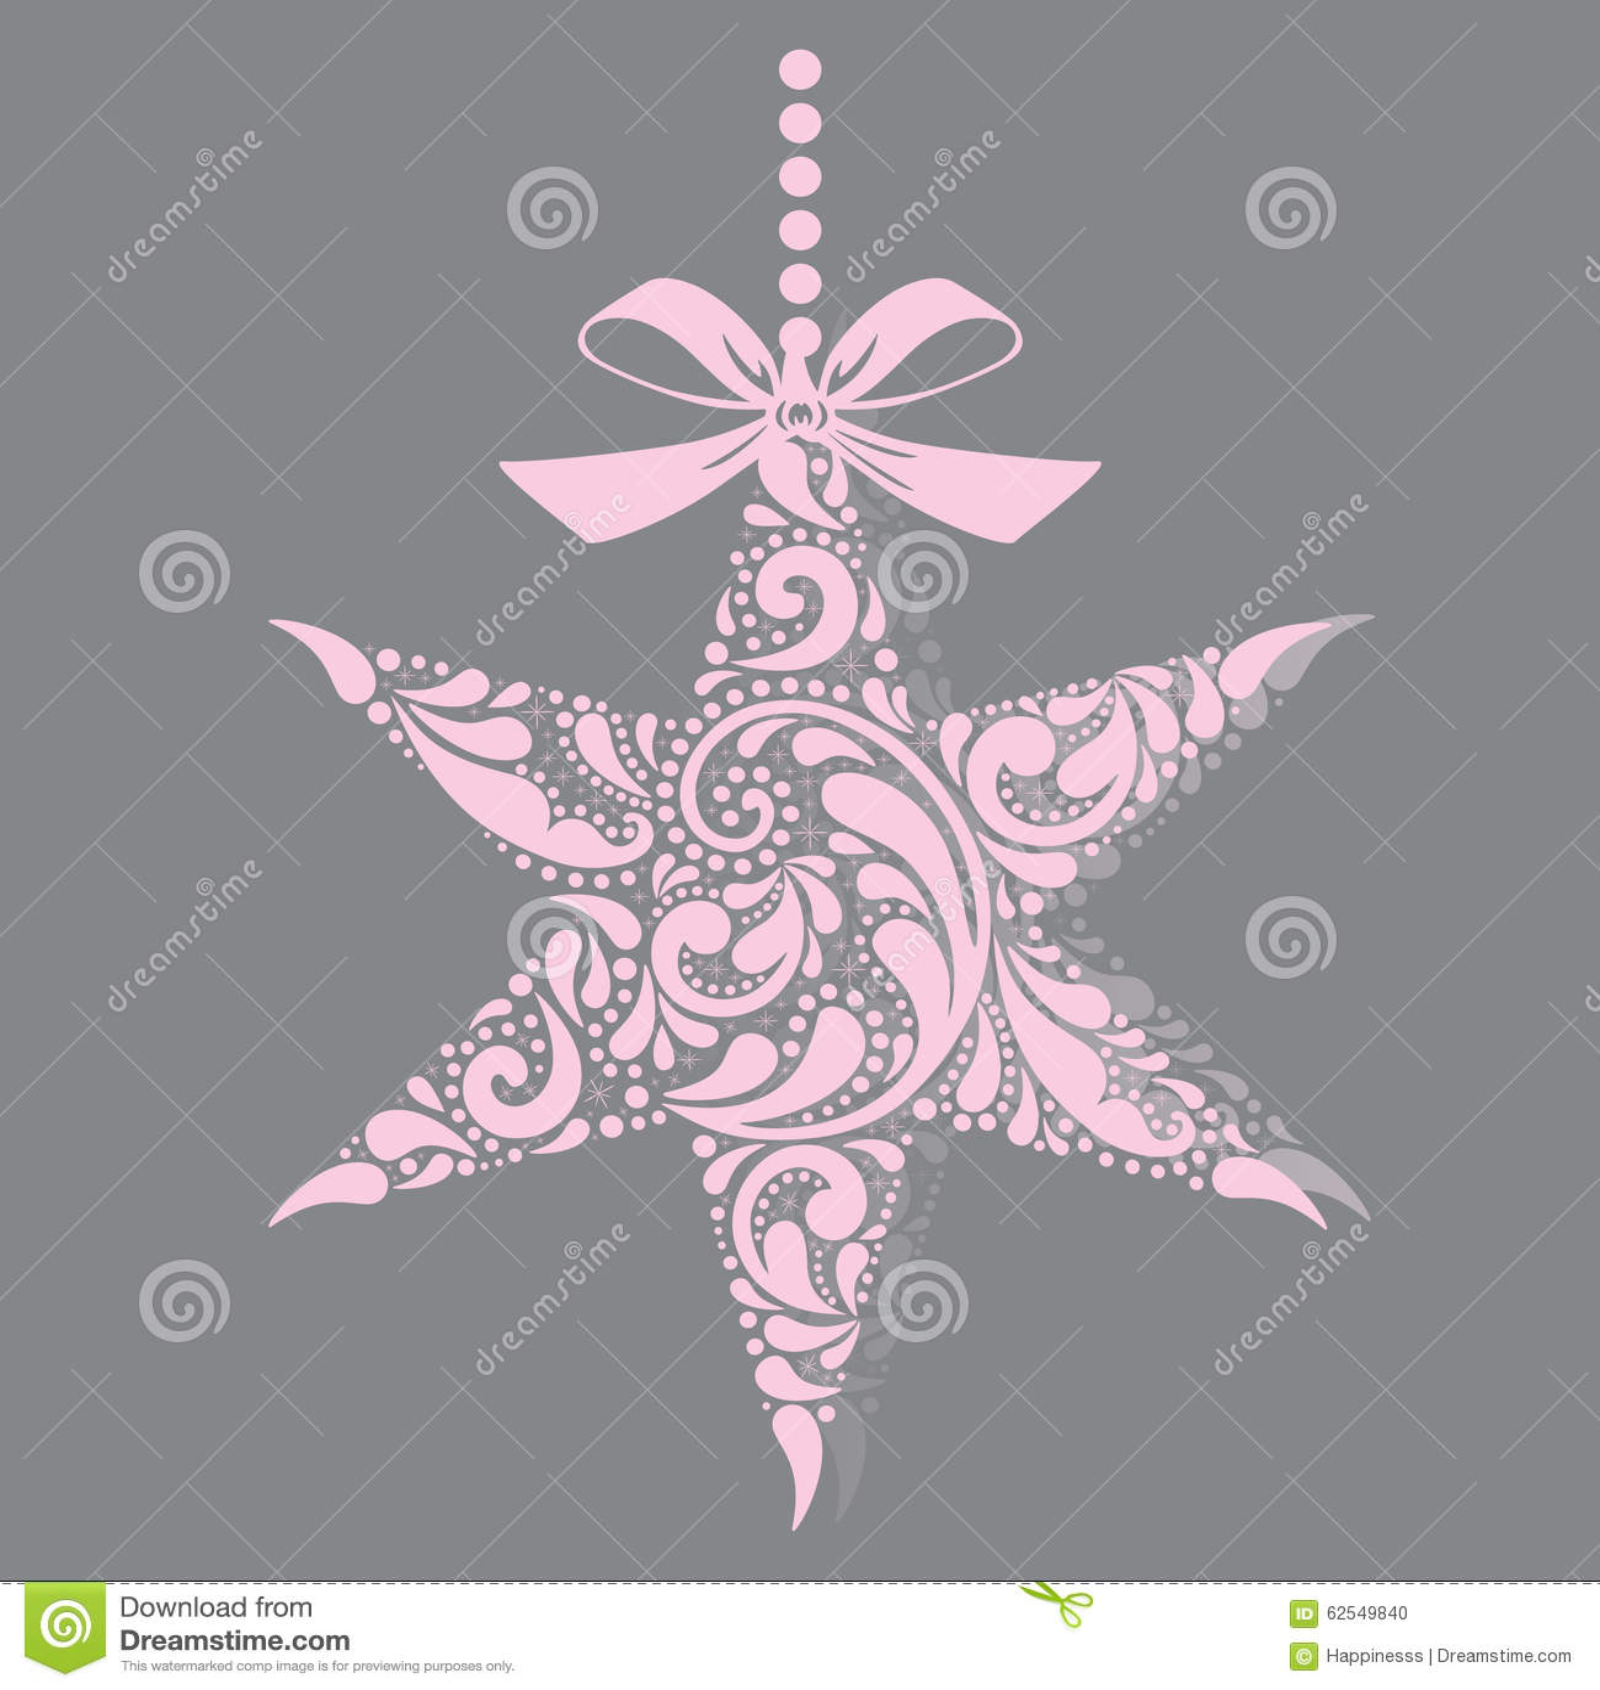 Weihnachtsstern Für Tannenbaum.Rosafarbener Weihnachtsstern Ein Spielzeug Auf Einem Pelzbaum Mit